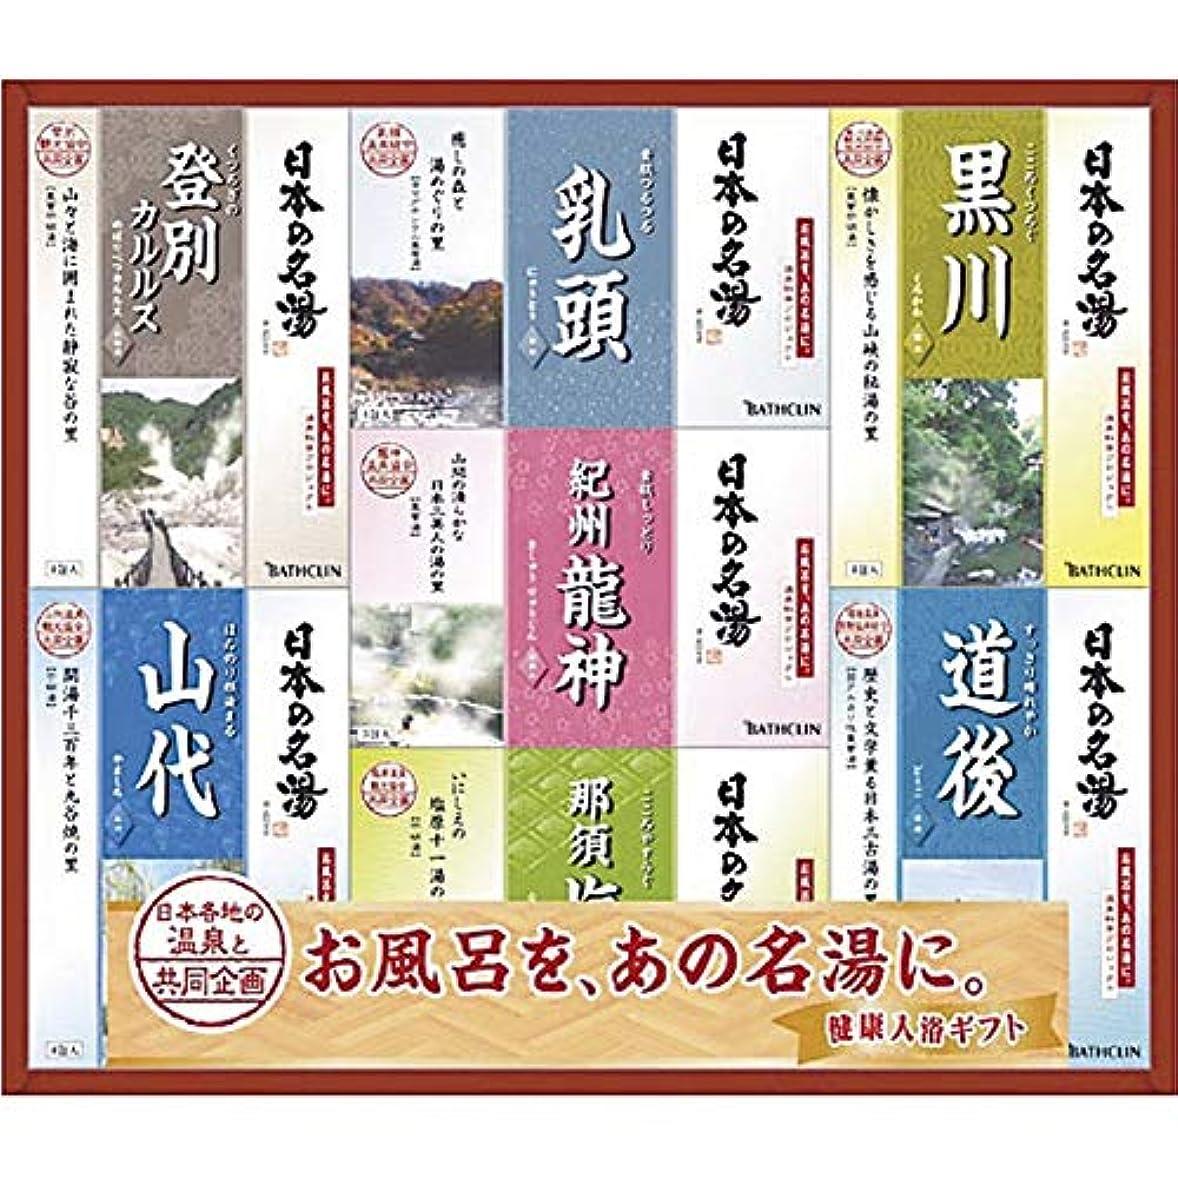 右保険をかける裏切るバスクリン 日本の名湯 ギフトセット NMG-25F 【個包装 セット 詰め合わせ 疲労回復 ご褒美 贅沢 プチギフト 温まる 温泉 粉 ご当地 まとめ買い 名湯 リラックス 美肌 つめあわせ やさしい やすらぎ】